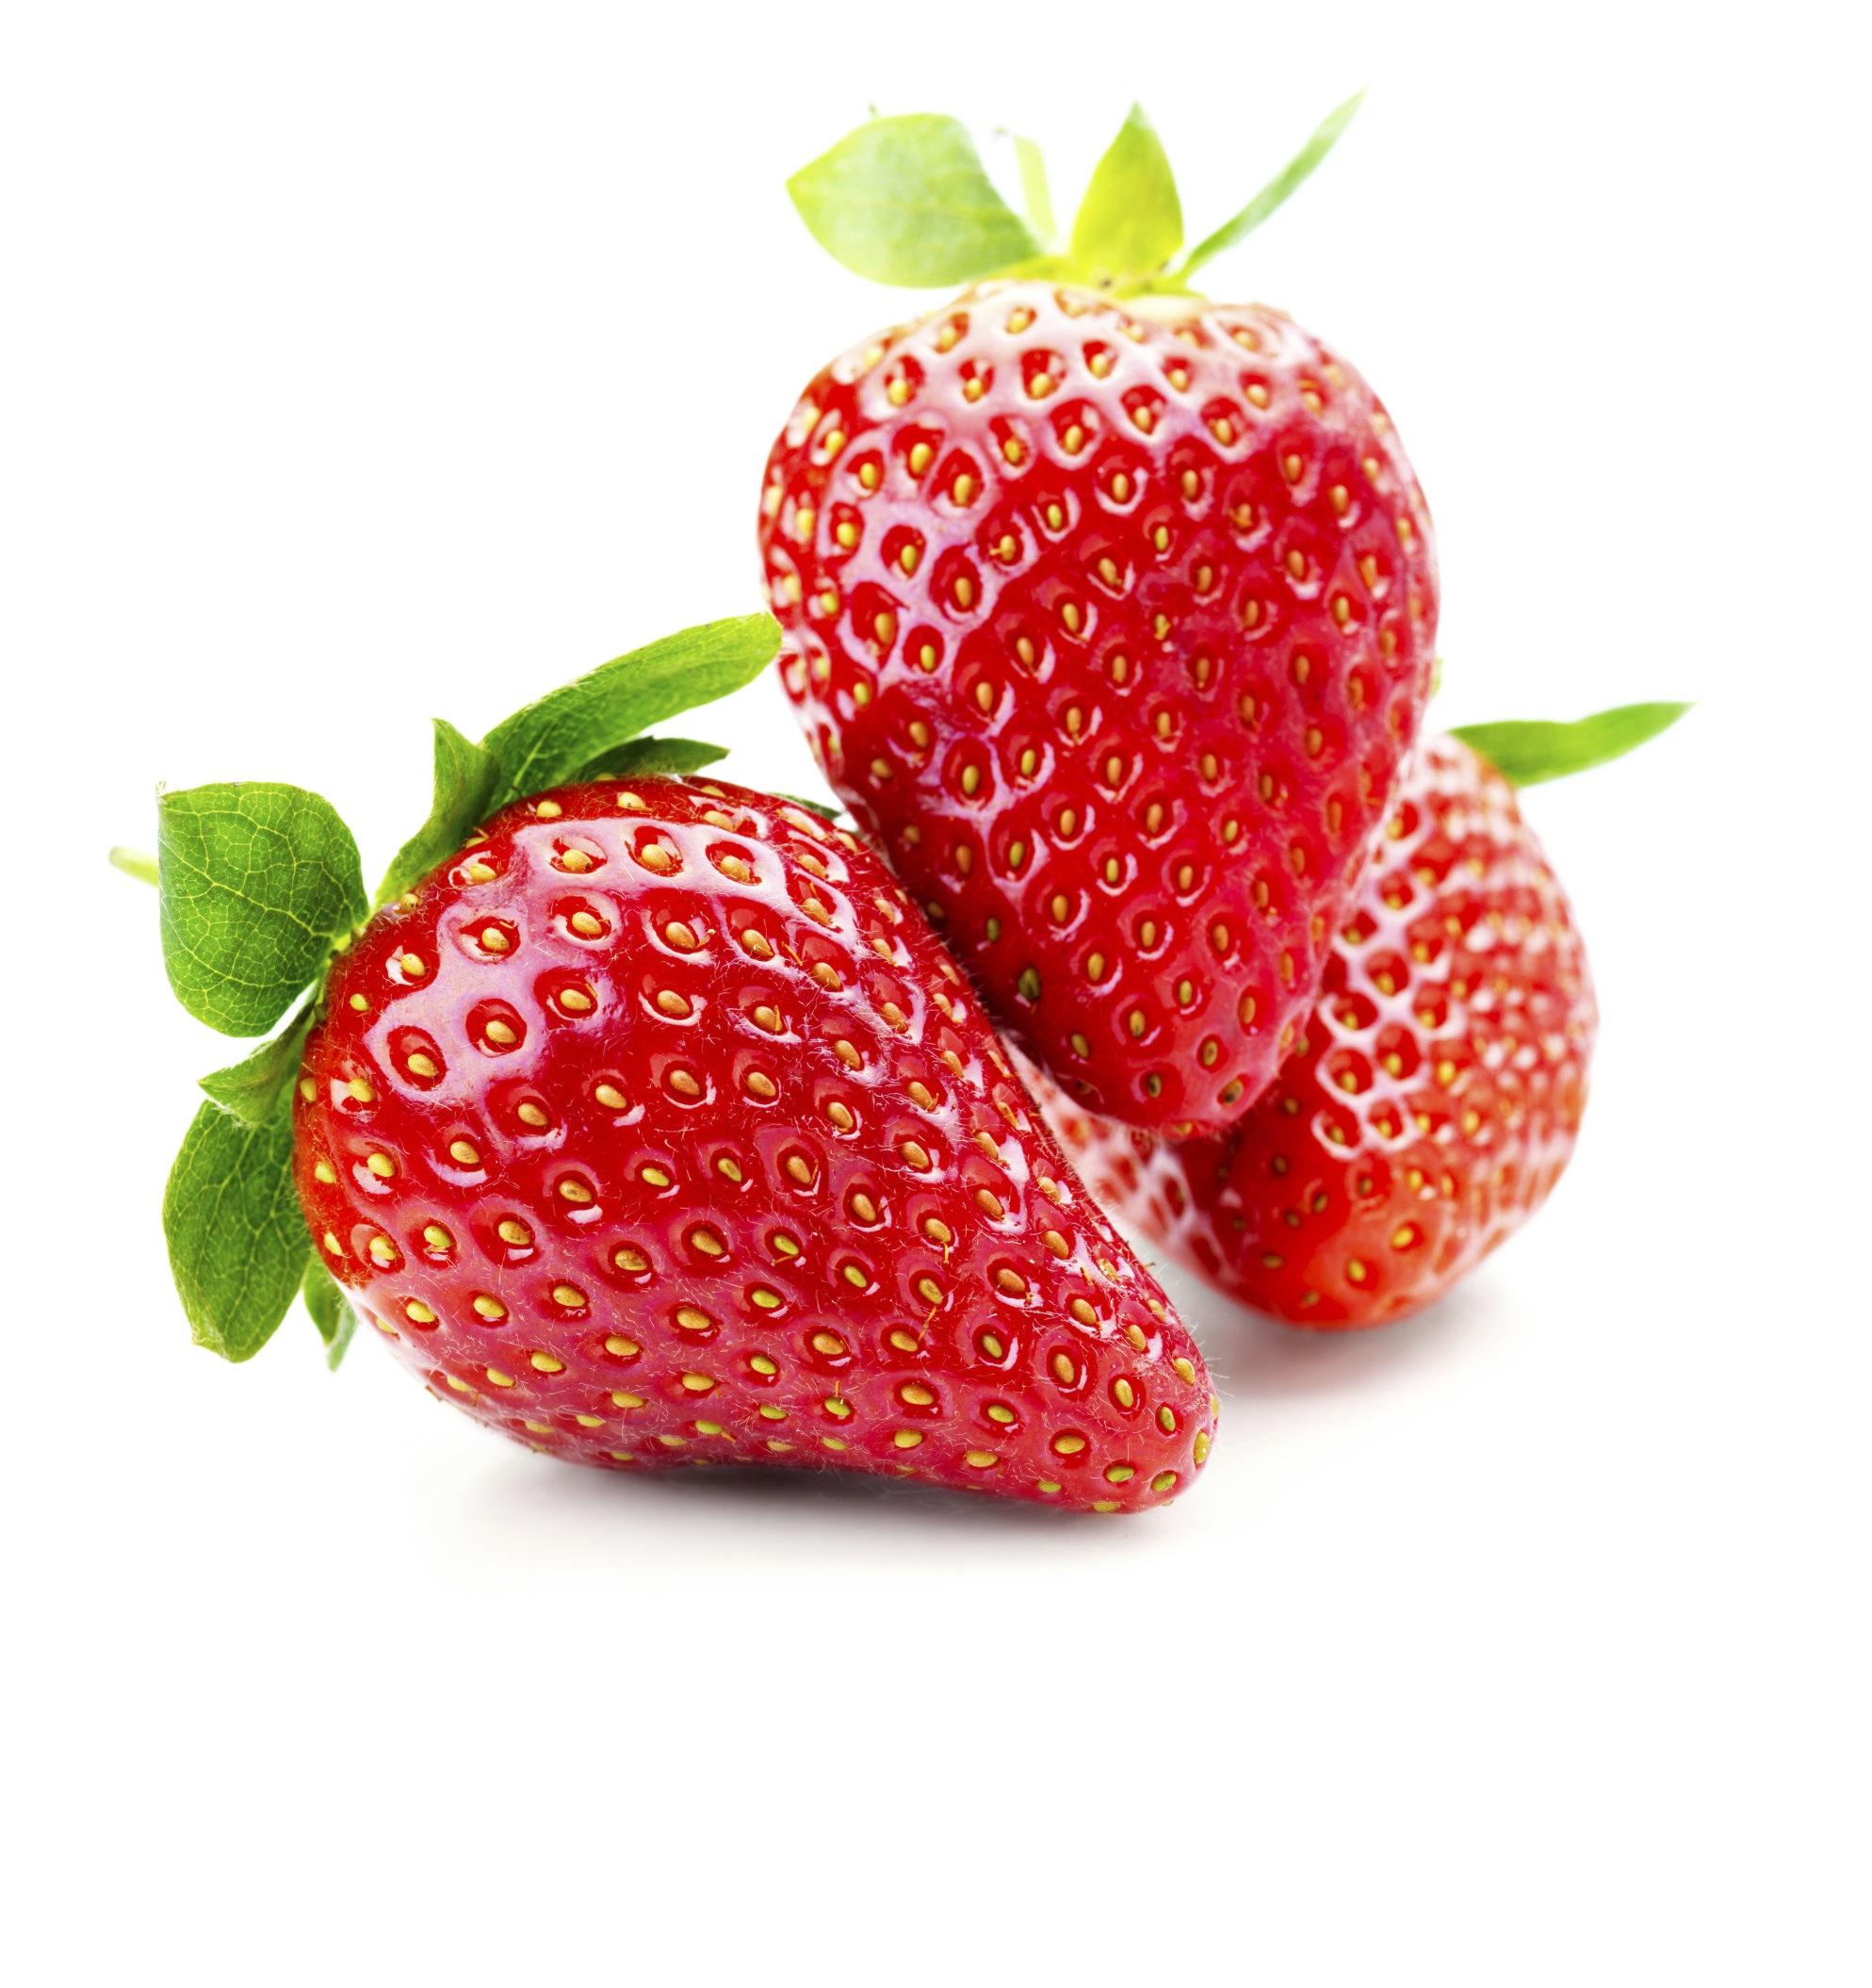 Fraise en poudre - Couleur fraise ecrasee ...